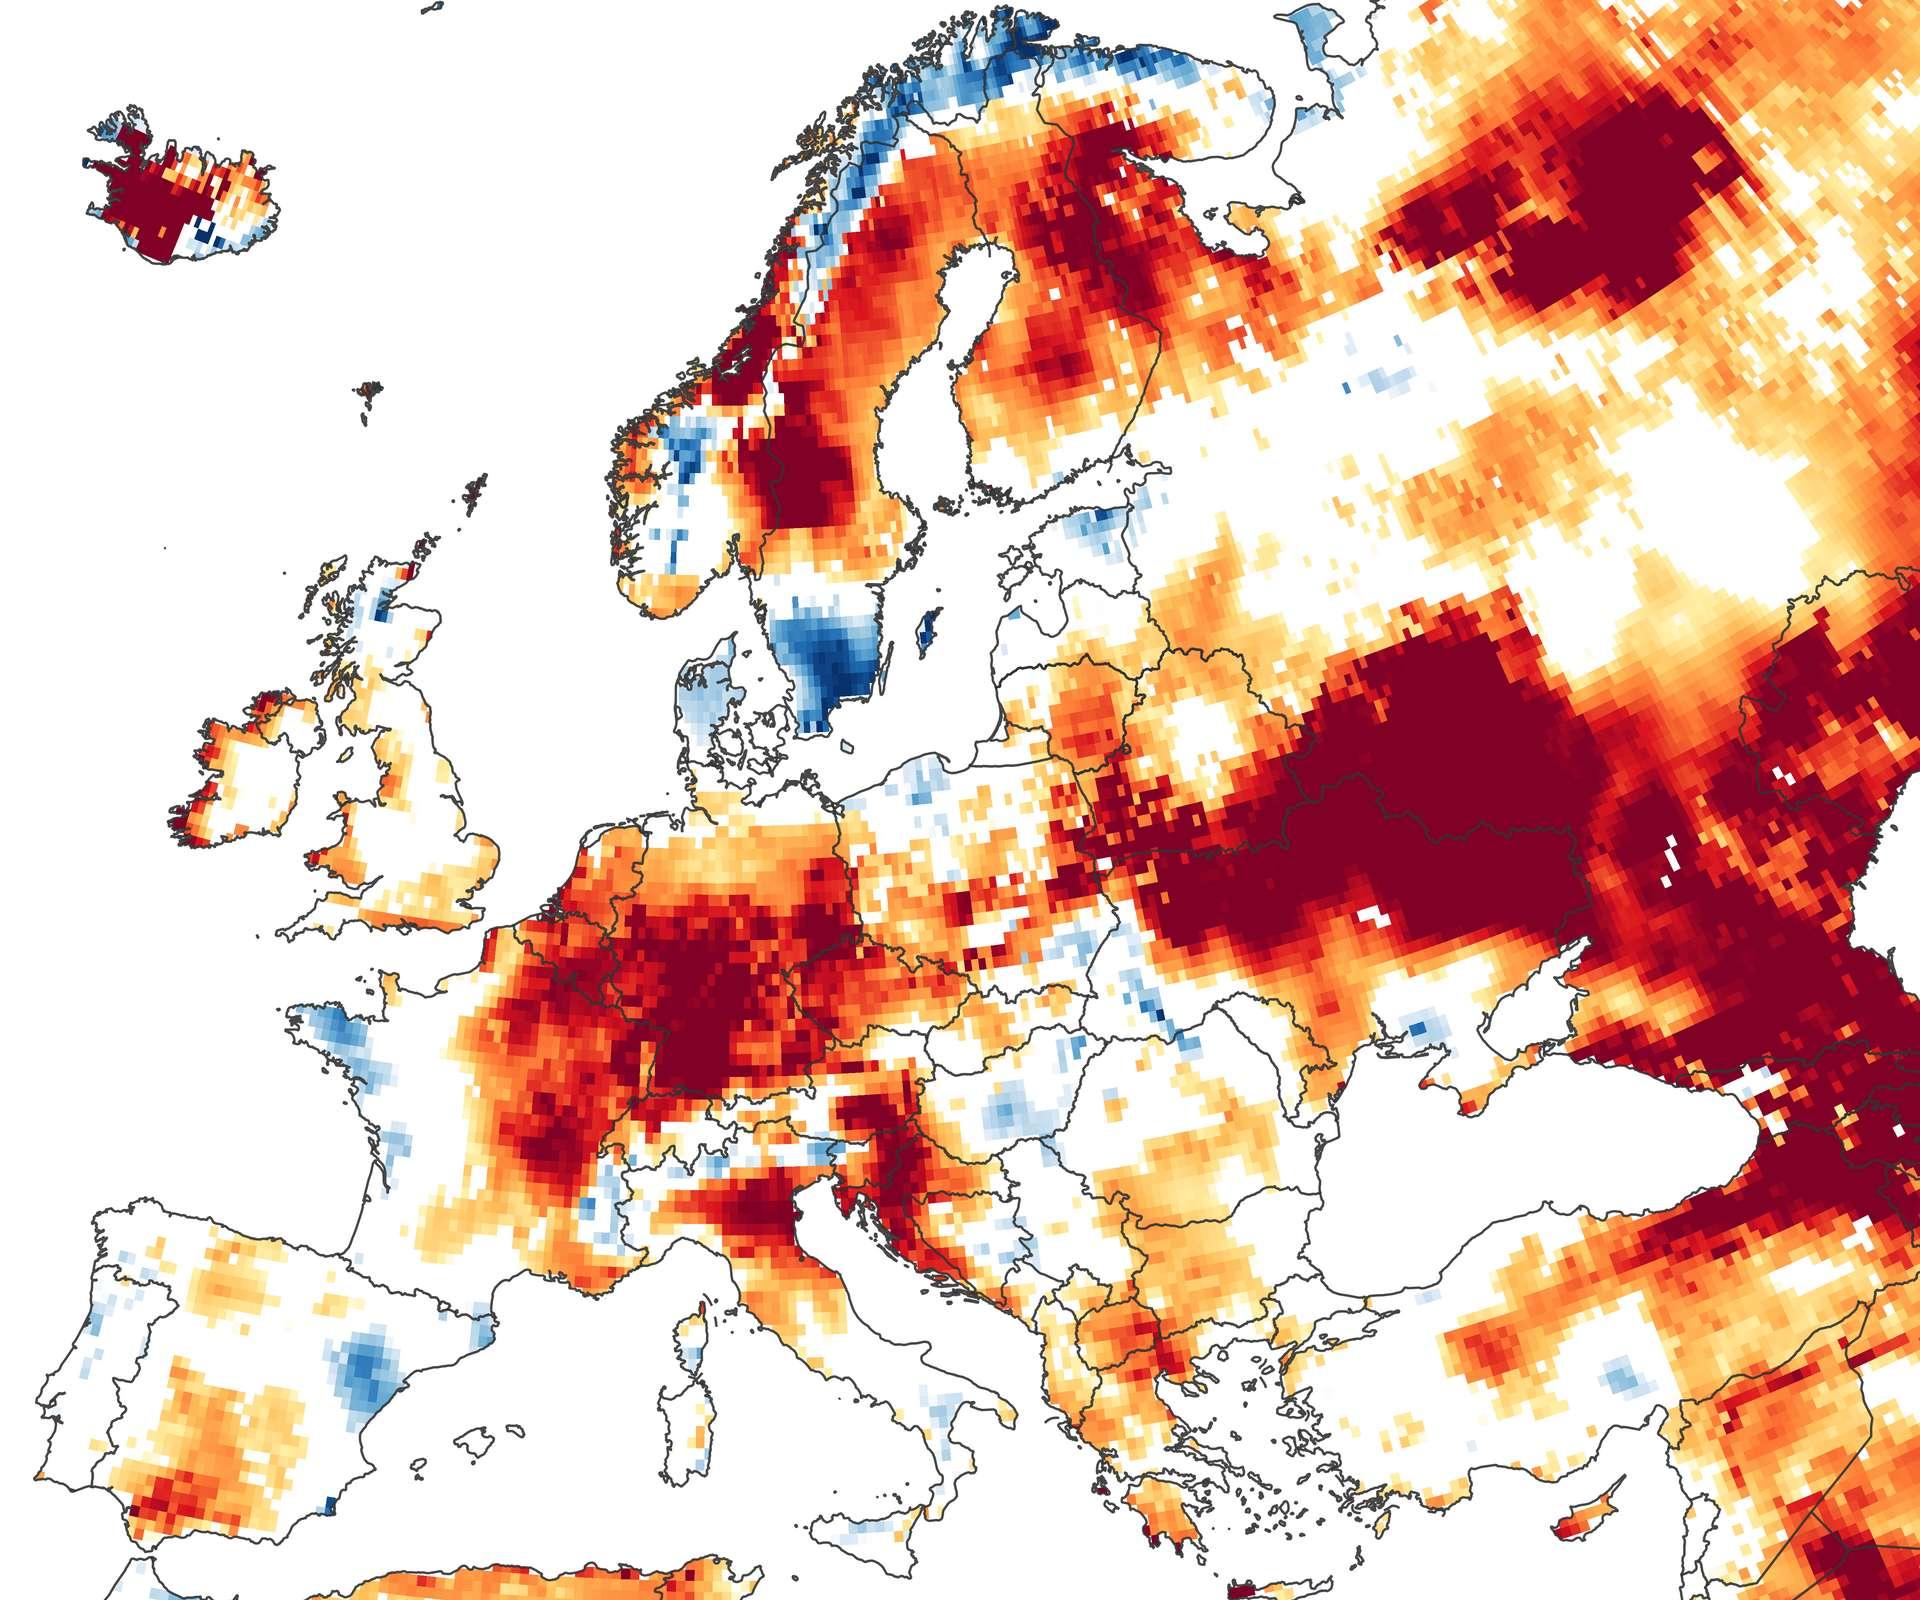 Sur cette carte réalisée à partir des données acquises par les satellites Grace-FO, la sécheresse est déjà bien installée dans une grande partie de l'Europe dés le début de l'été 2020, le 22 juin. L'hiver et le printemps ont particulièrement été doux et secs. © Nasa Earth Observatory